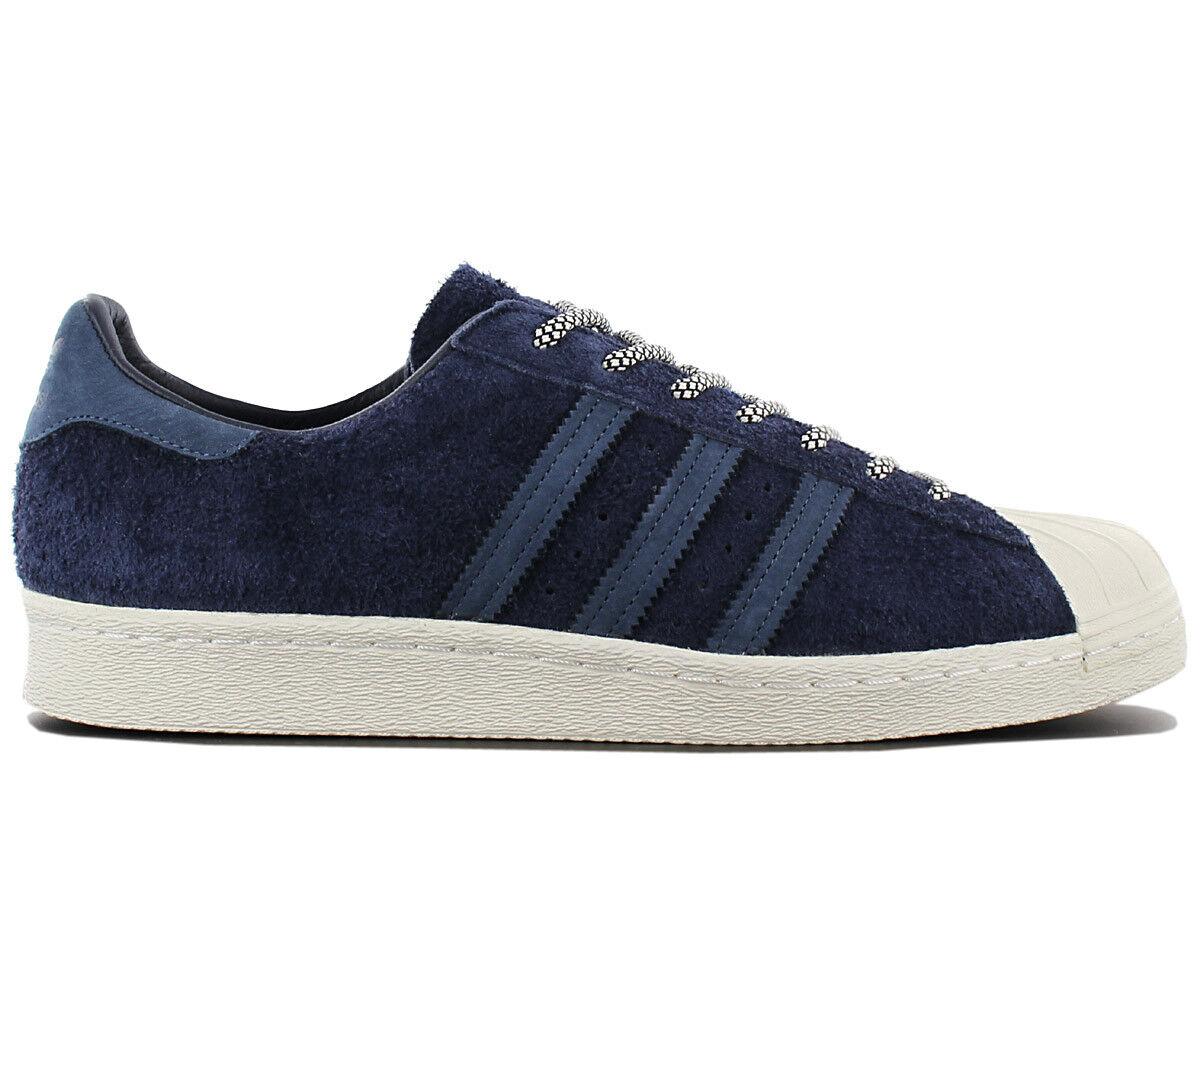 new arrival c3d02 2d306 Adidas superstar degli anni anni anni  80 le scarpe di pelle blu originali  dei formatori